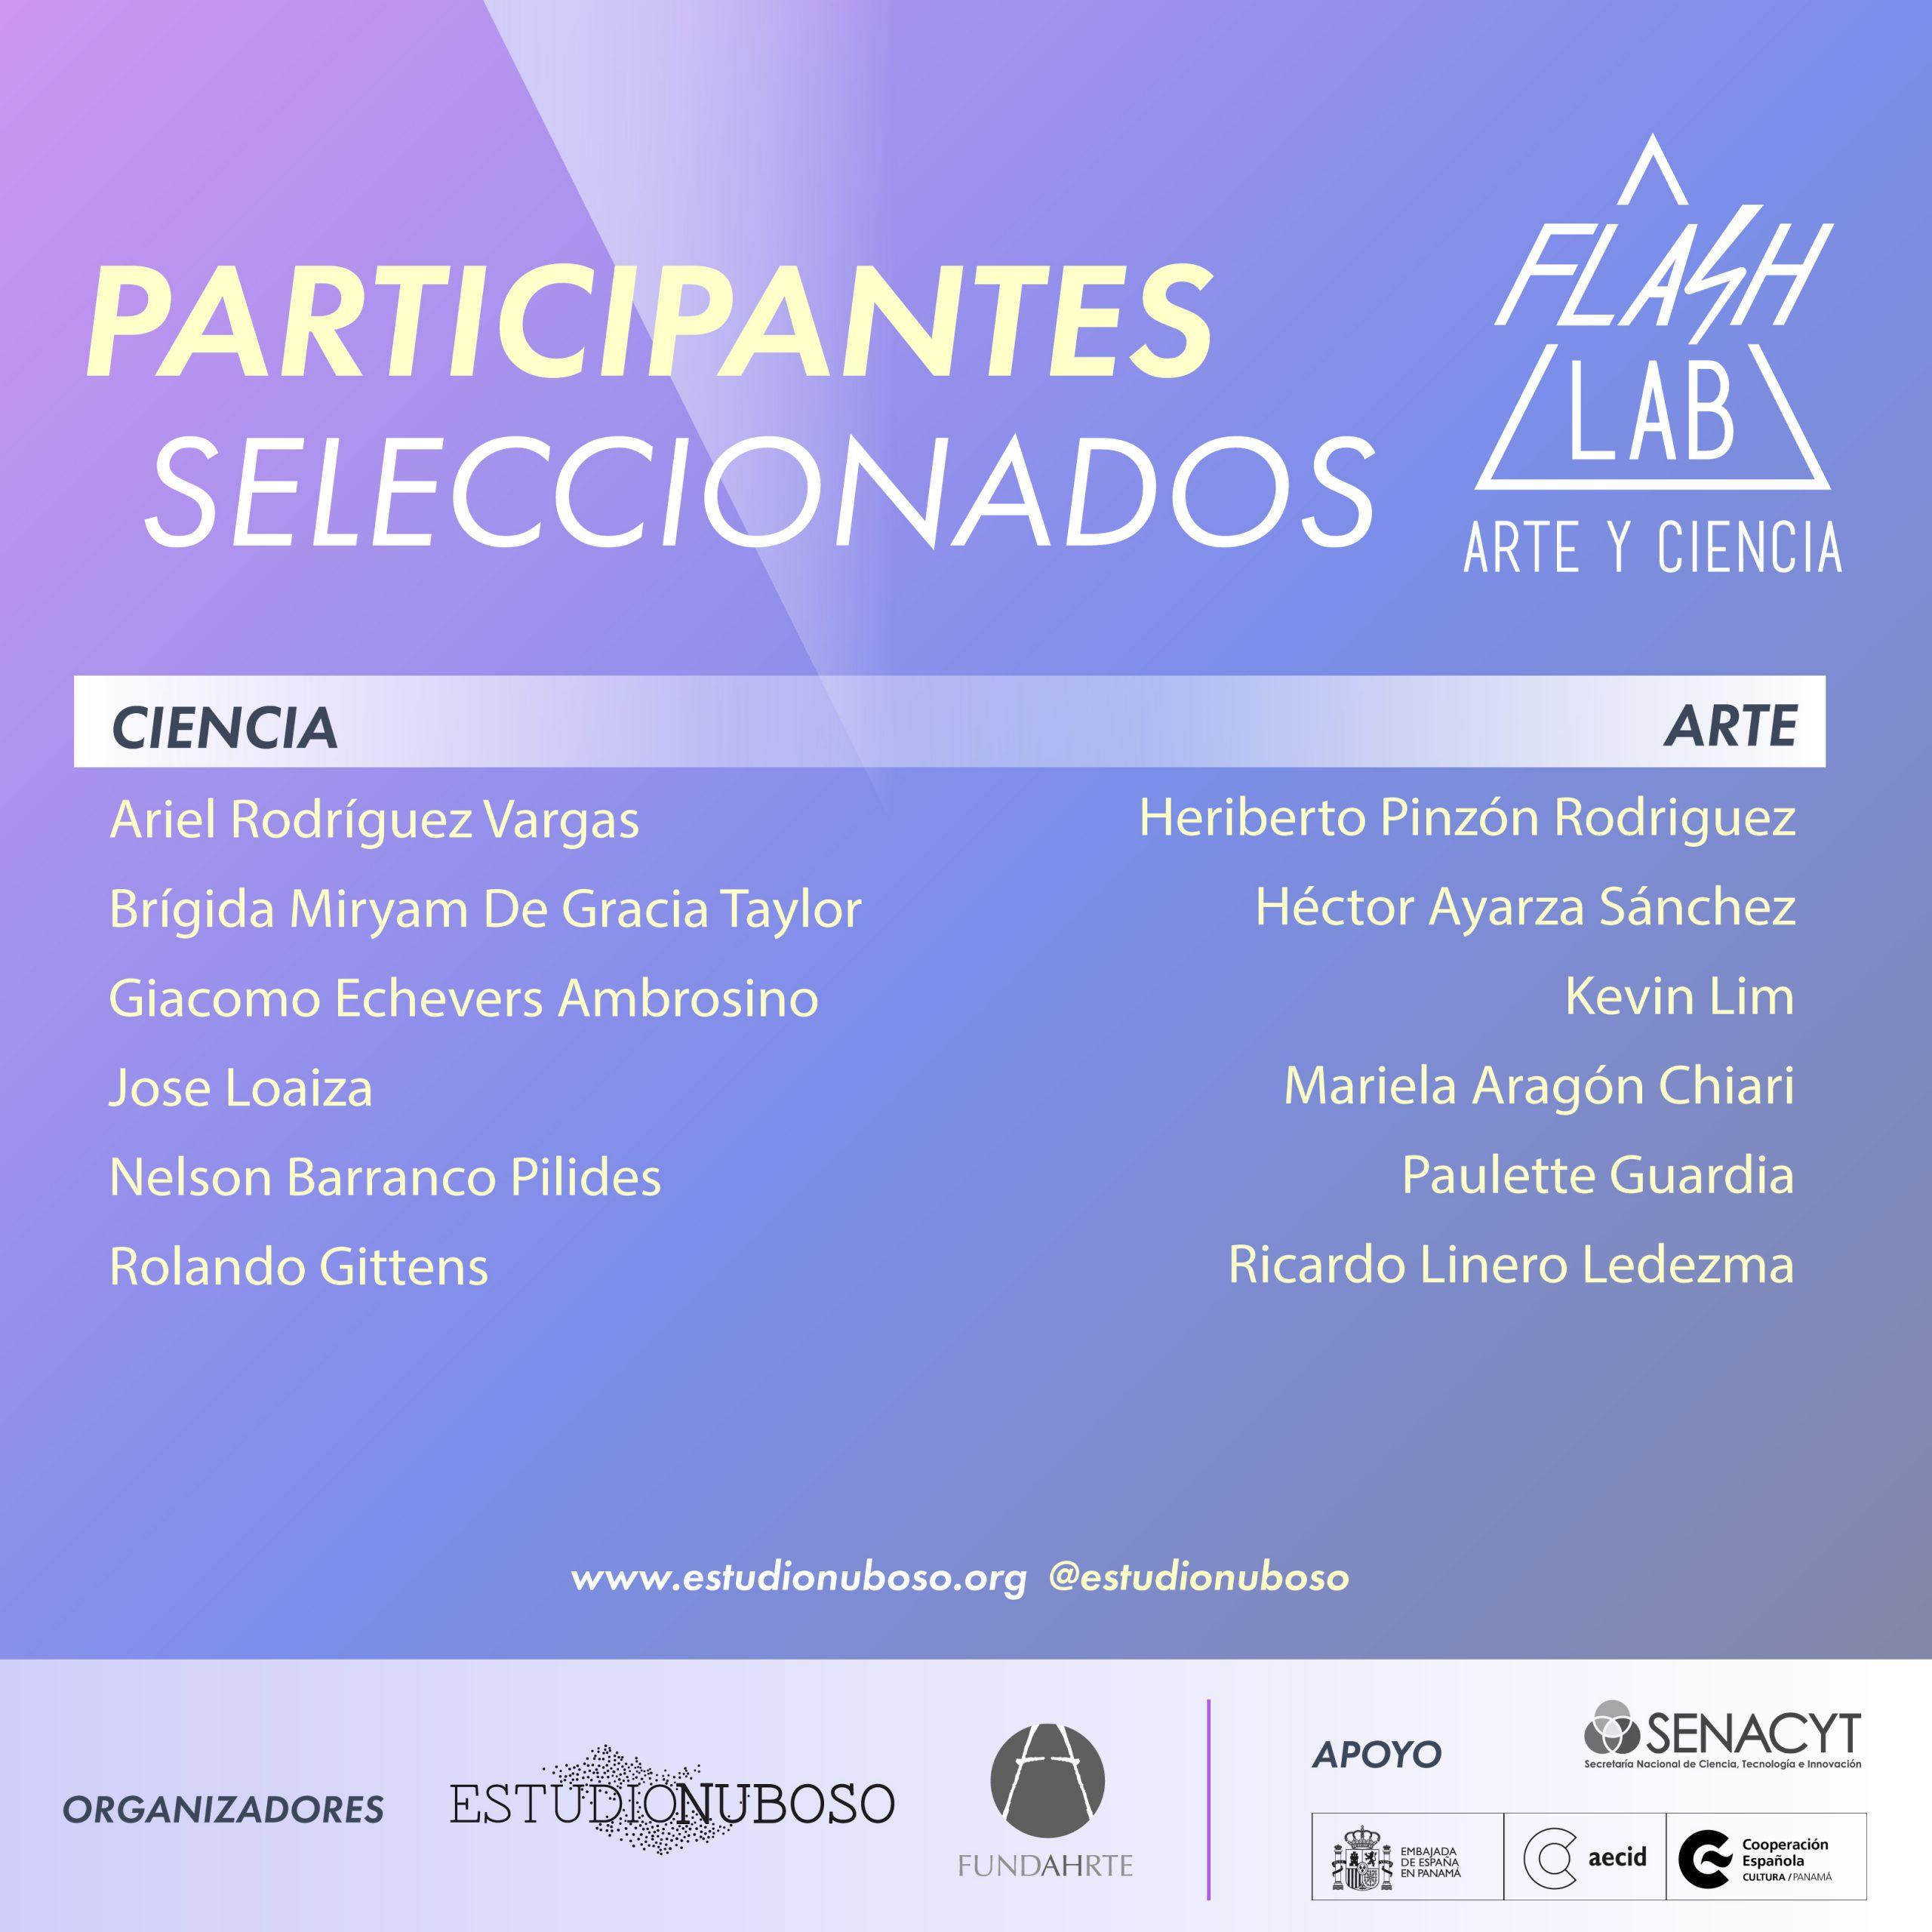 Resultados de la Convocatoria Flash LAB de Arte y Ciencia